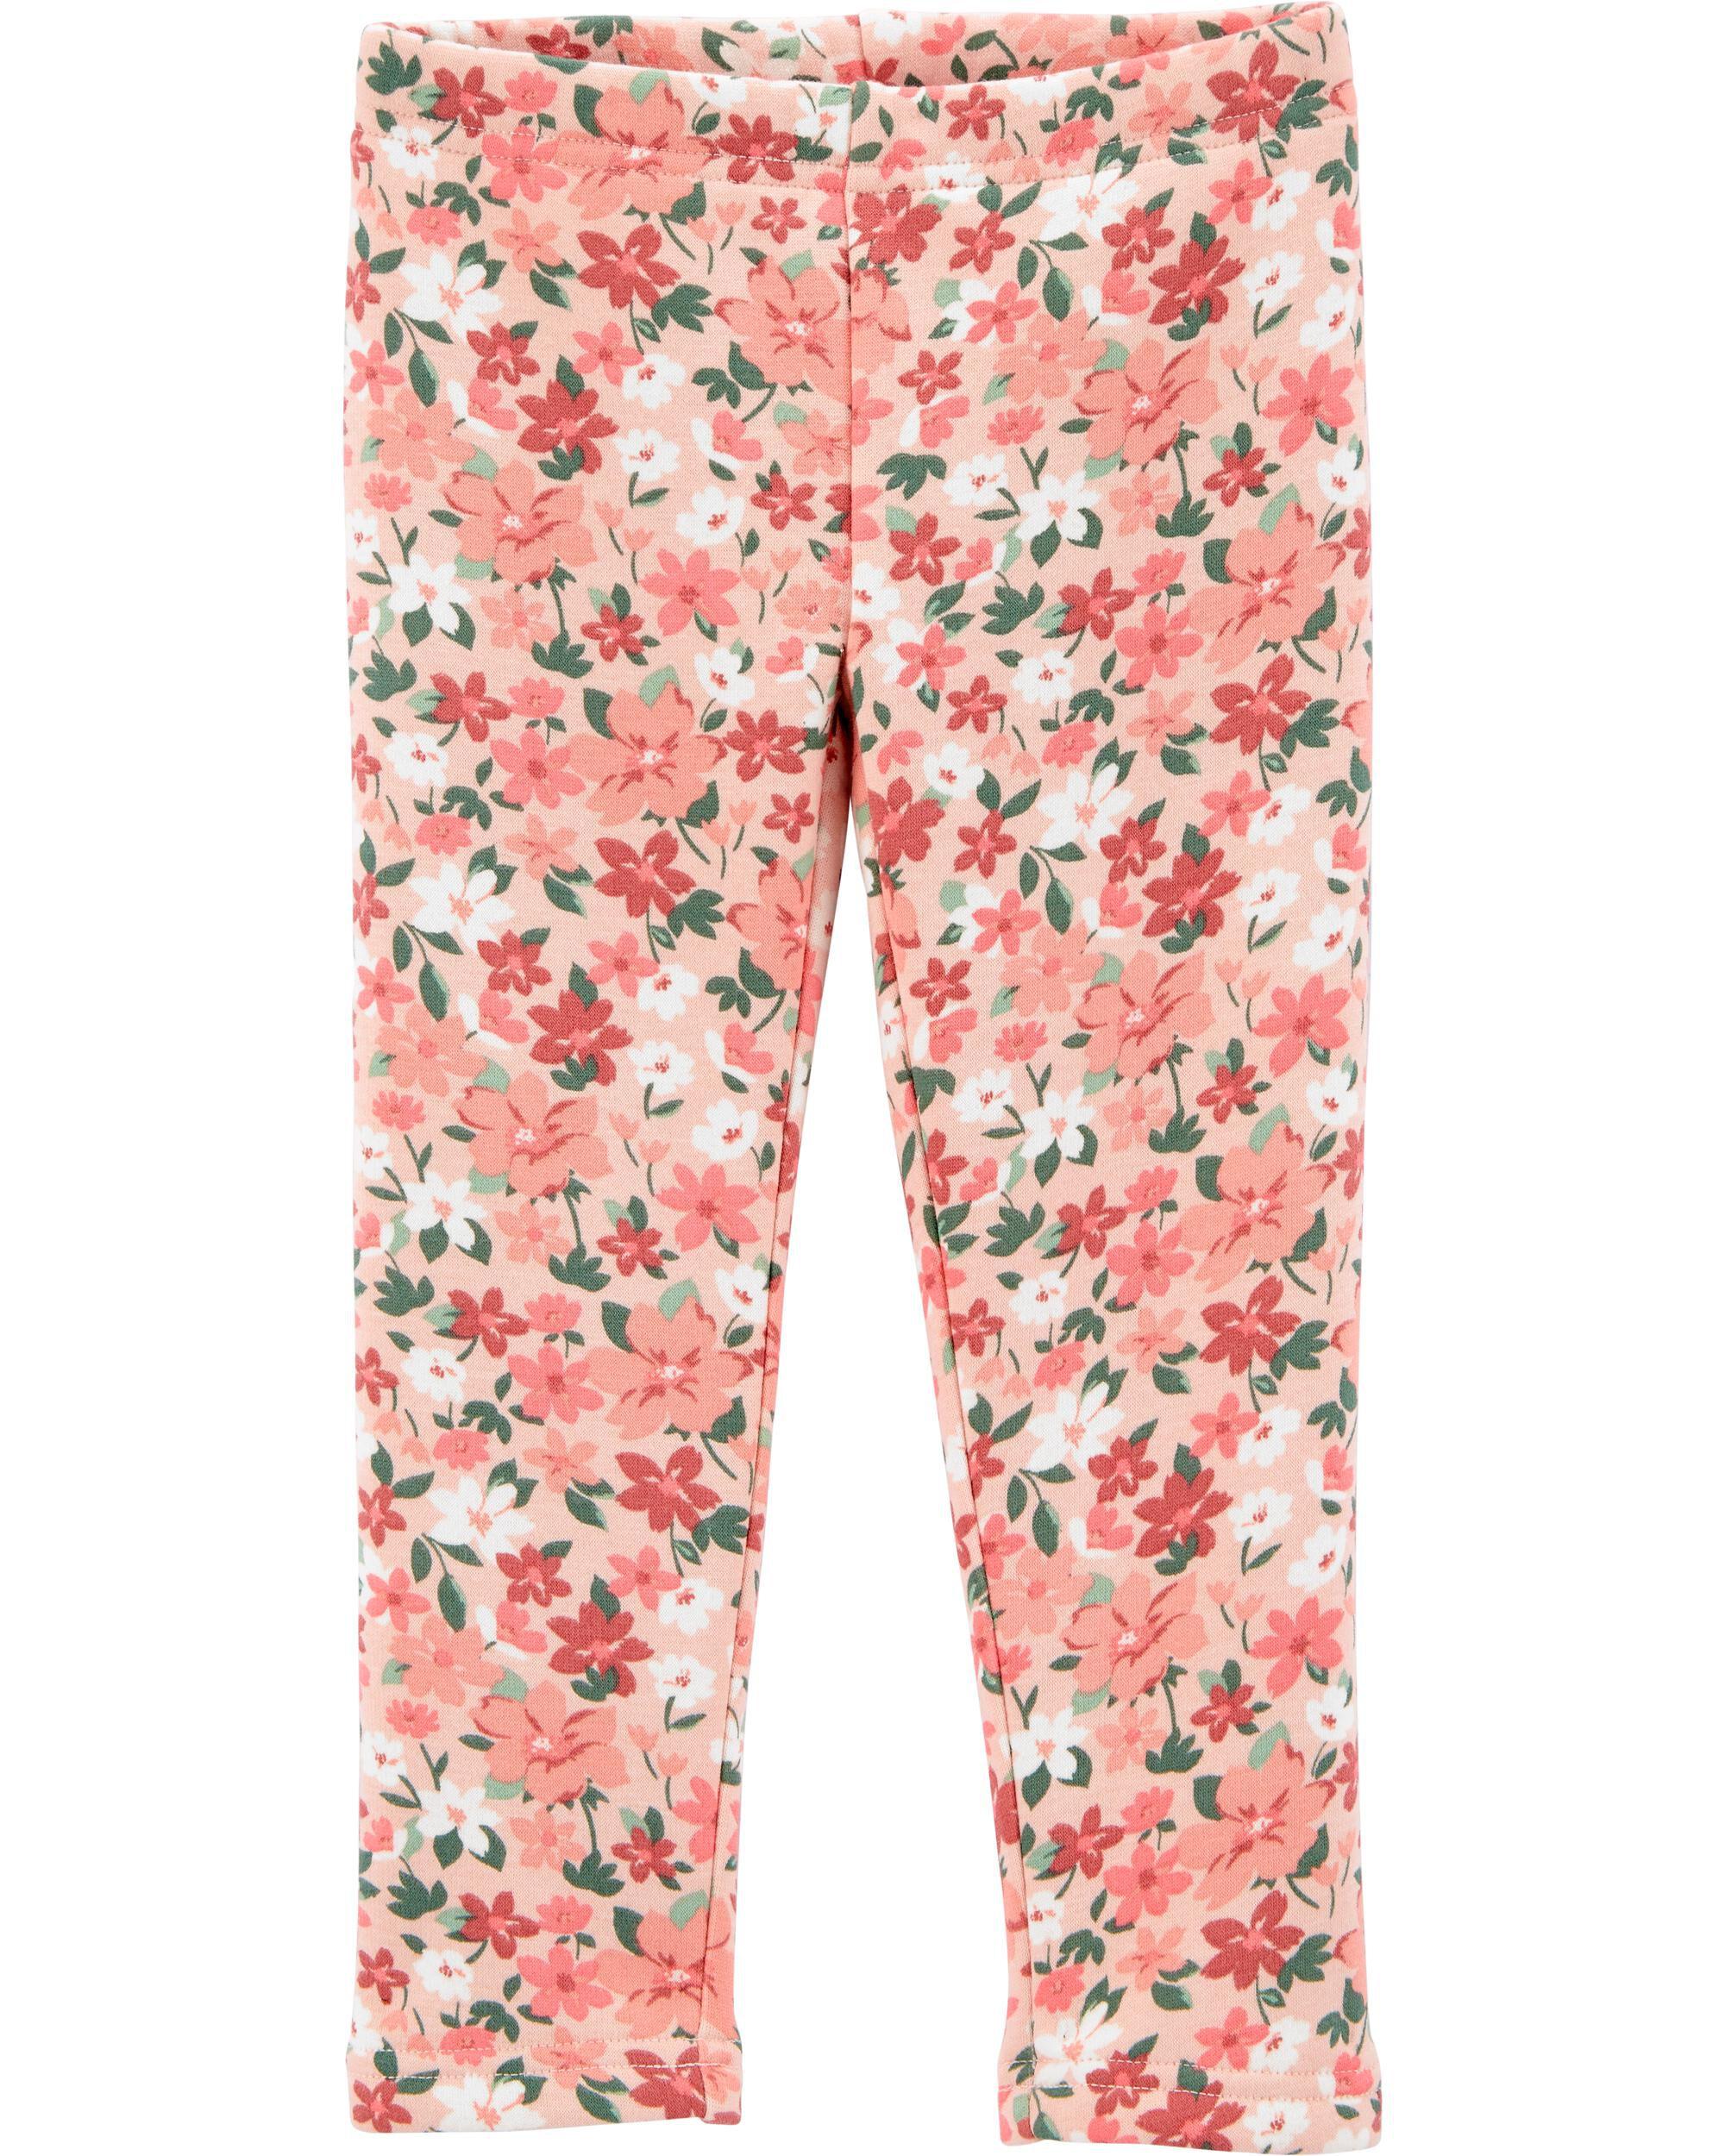 *DOORBUSTER*Floral Cozy Fleece-Lined Leggings